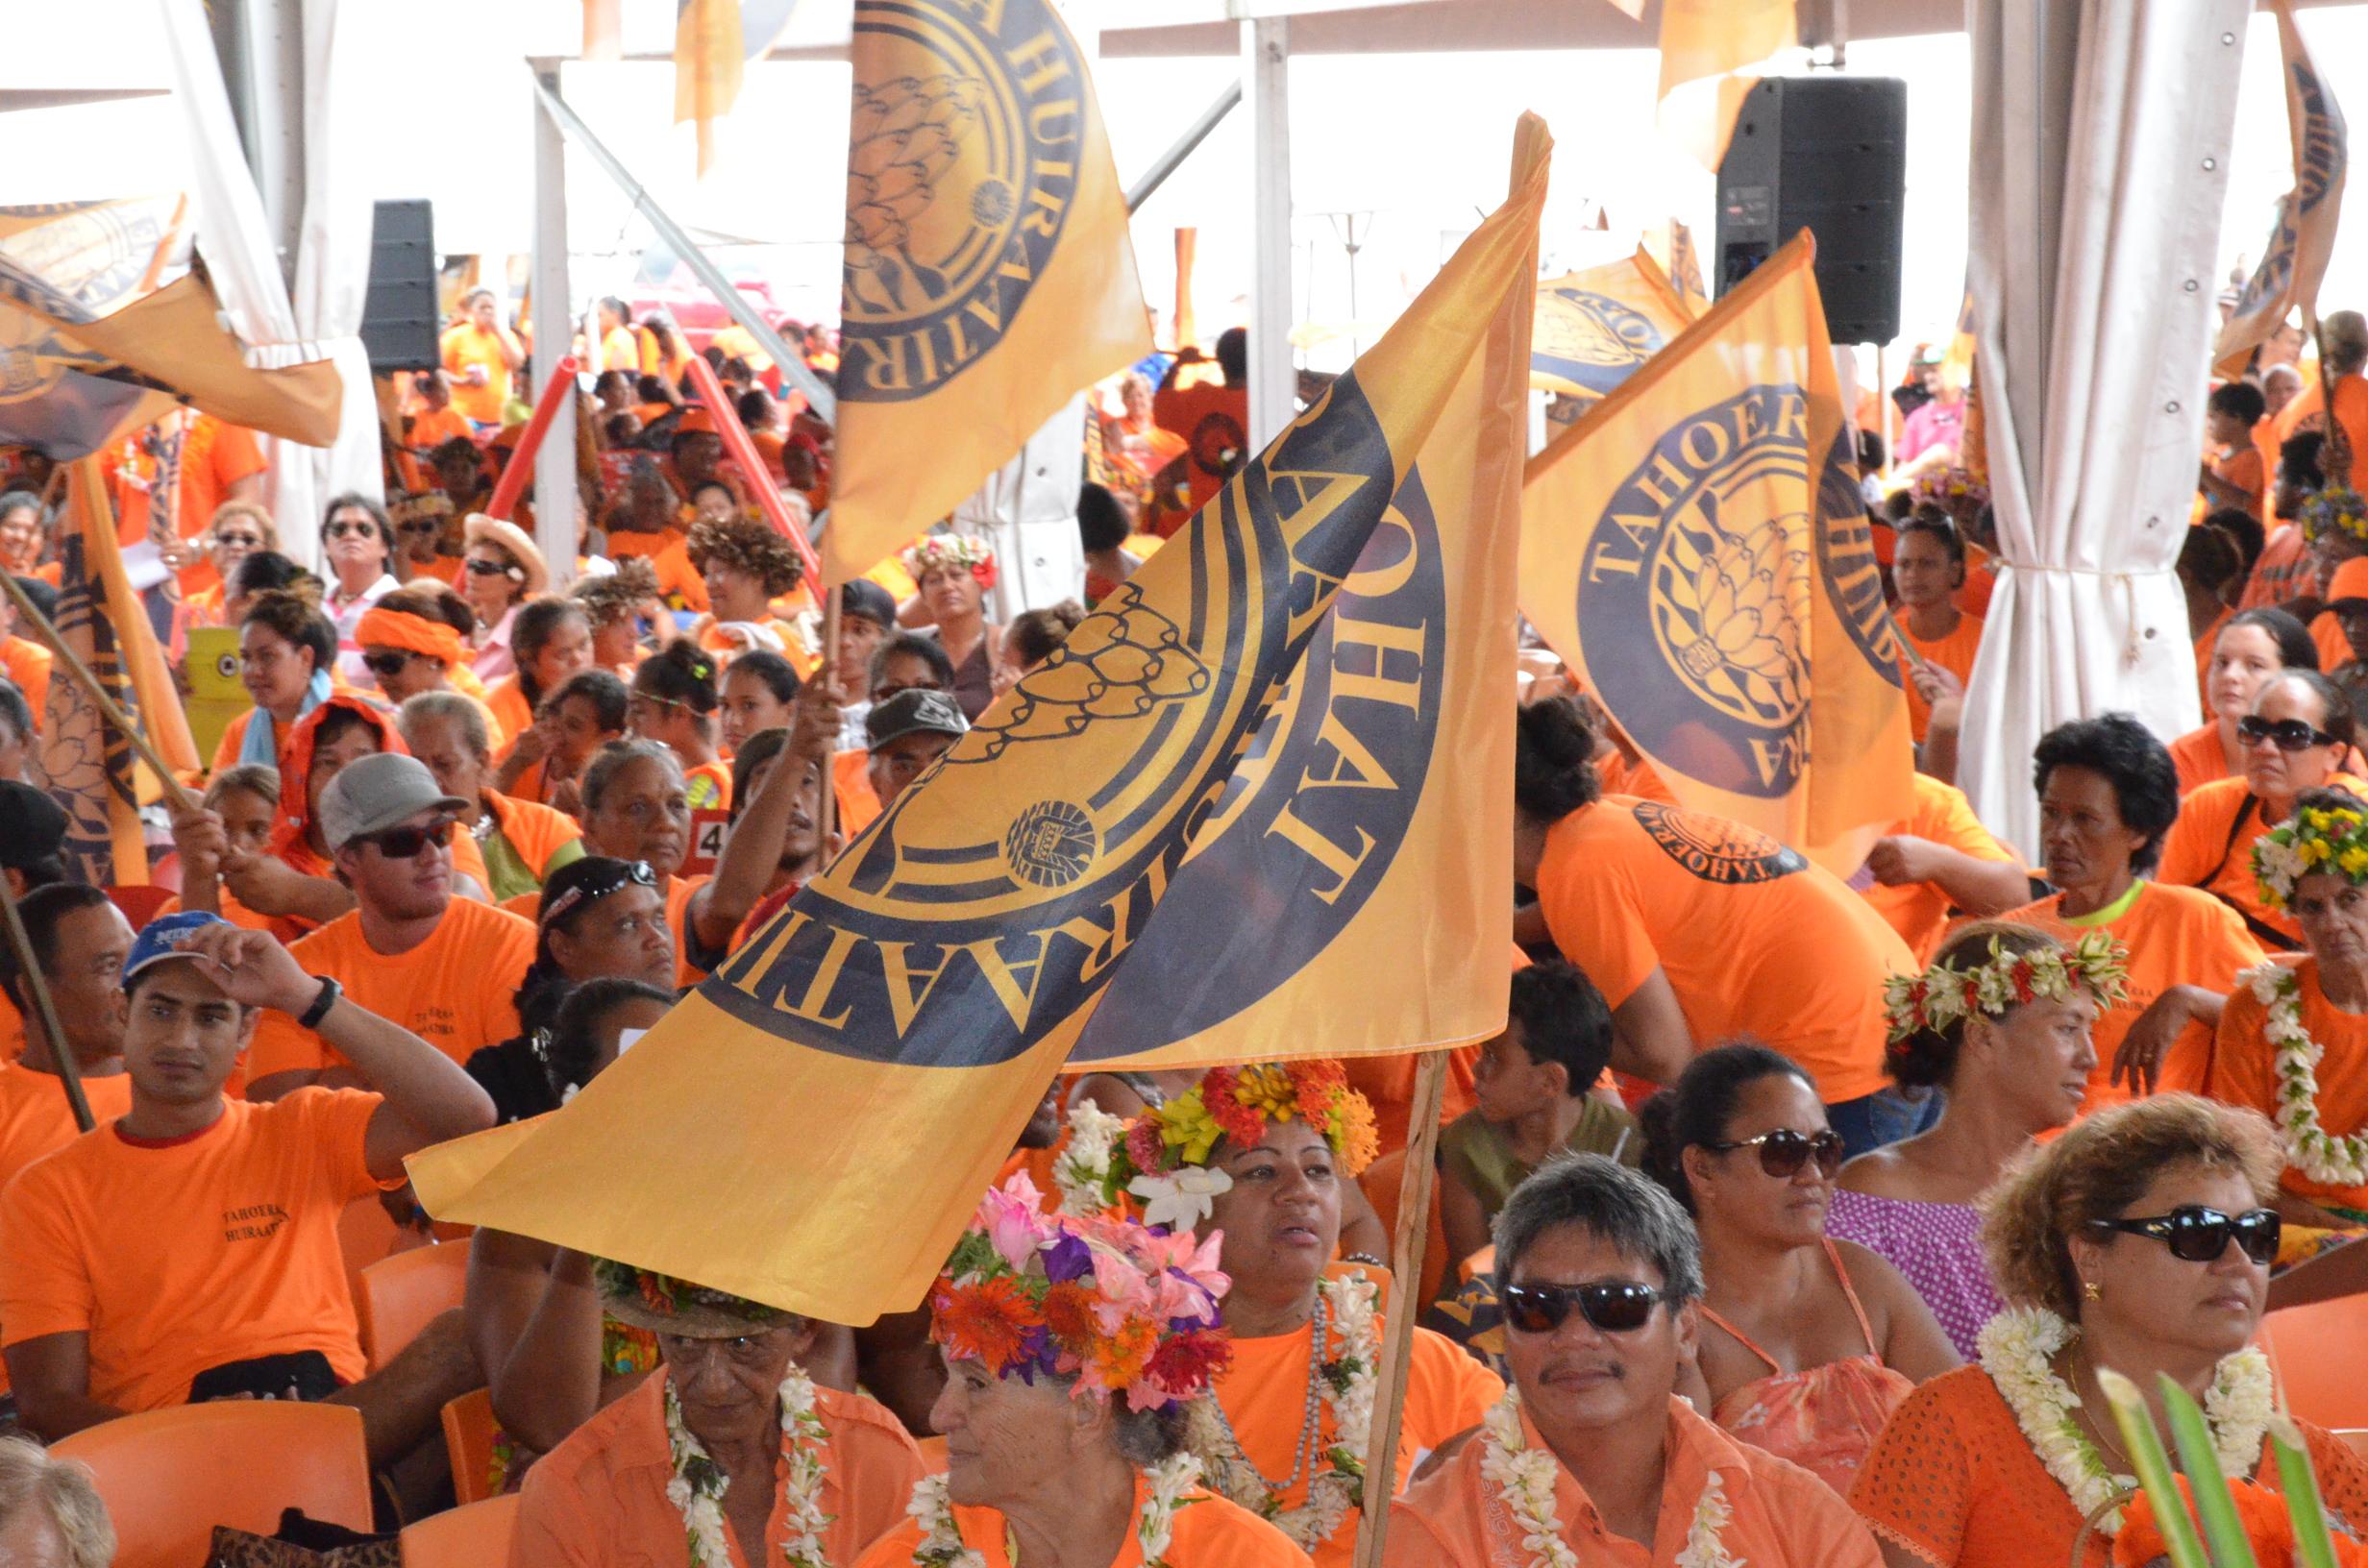 Les militants du Tahoera'a lors du dernier congrès du parti, le 28 novembre 2015 à Vaitupa, Faa'a.